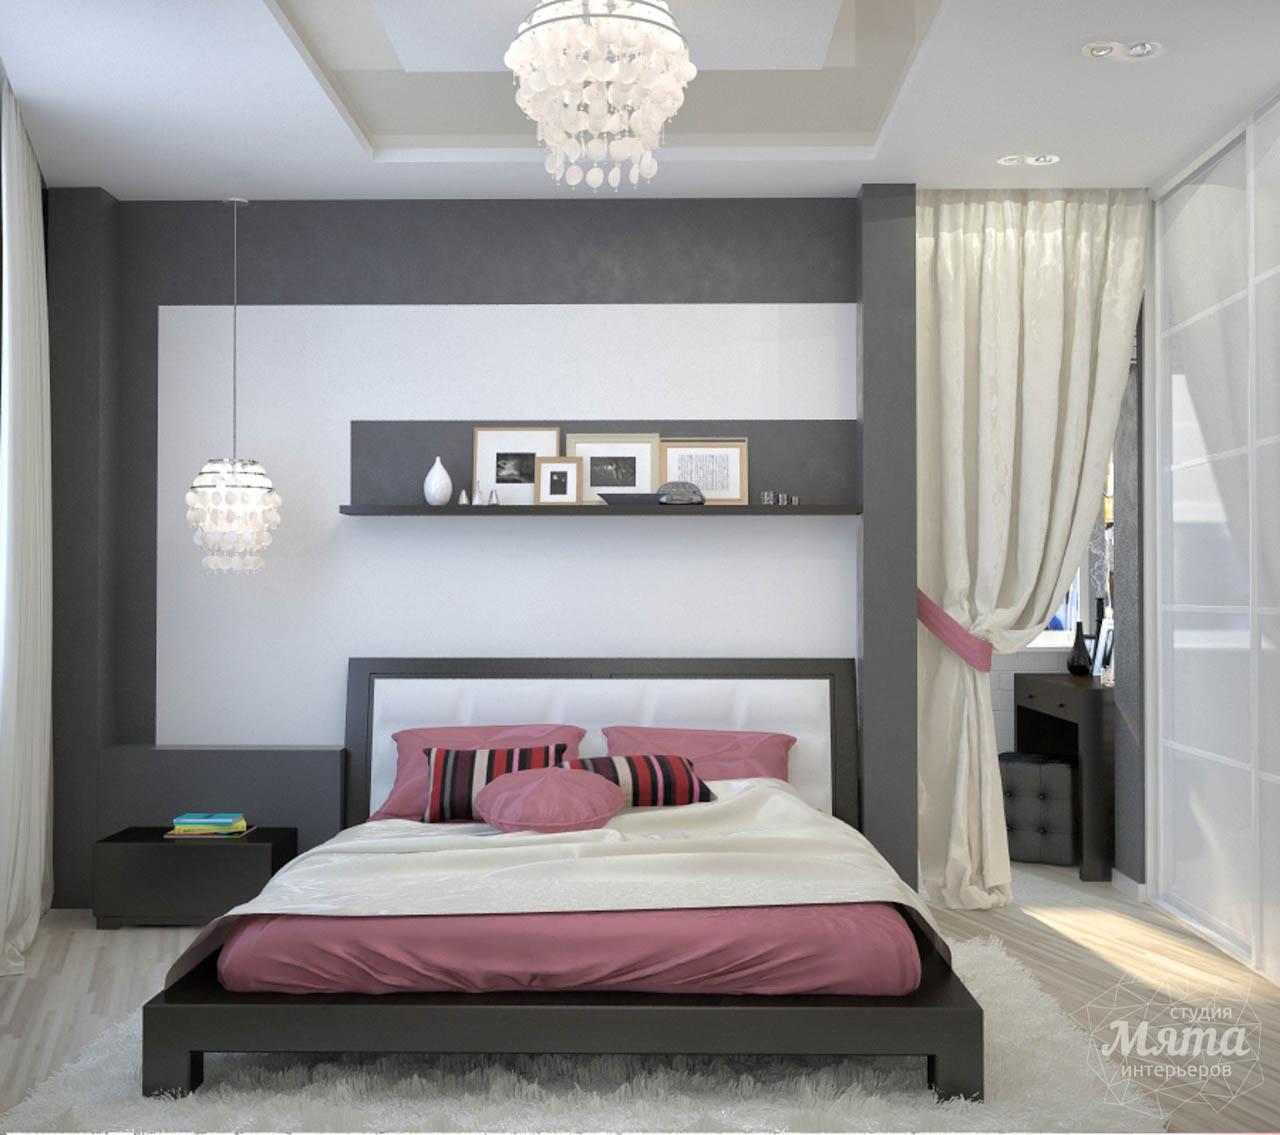 Дизайн интерьера и ремонт трехкомнатной квартиры по ул. Попова 33а img833812675